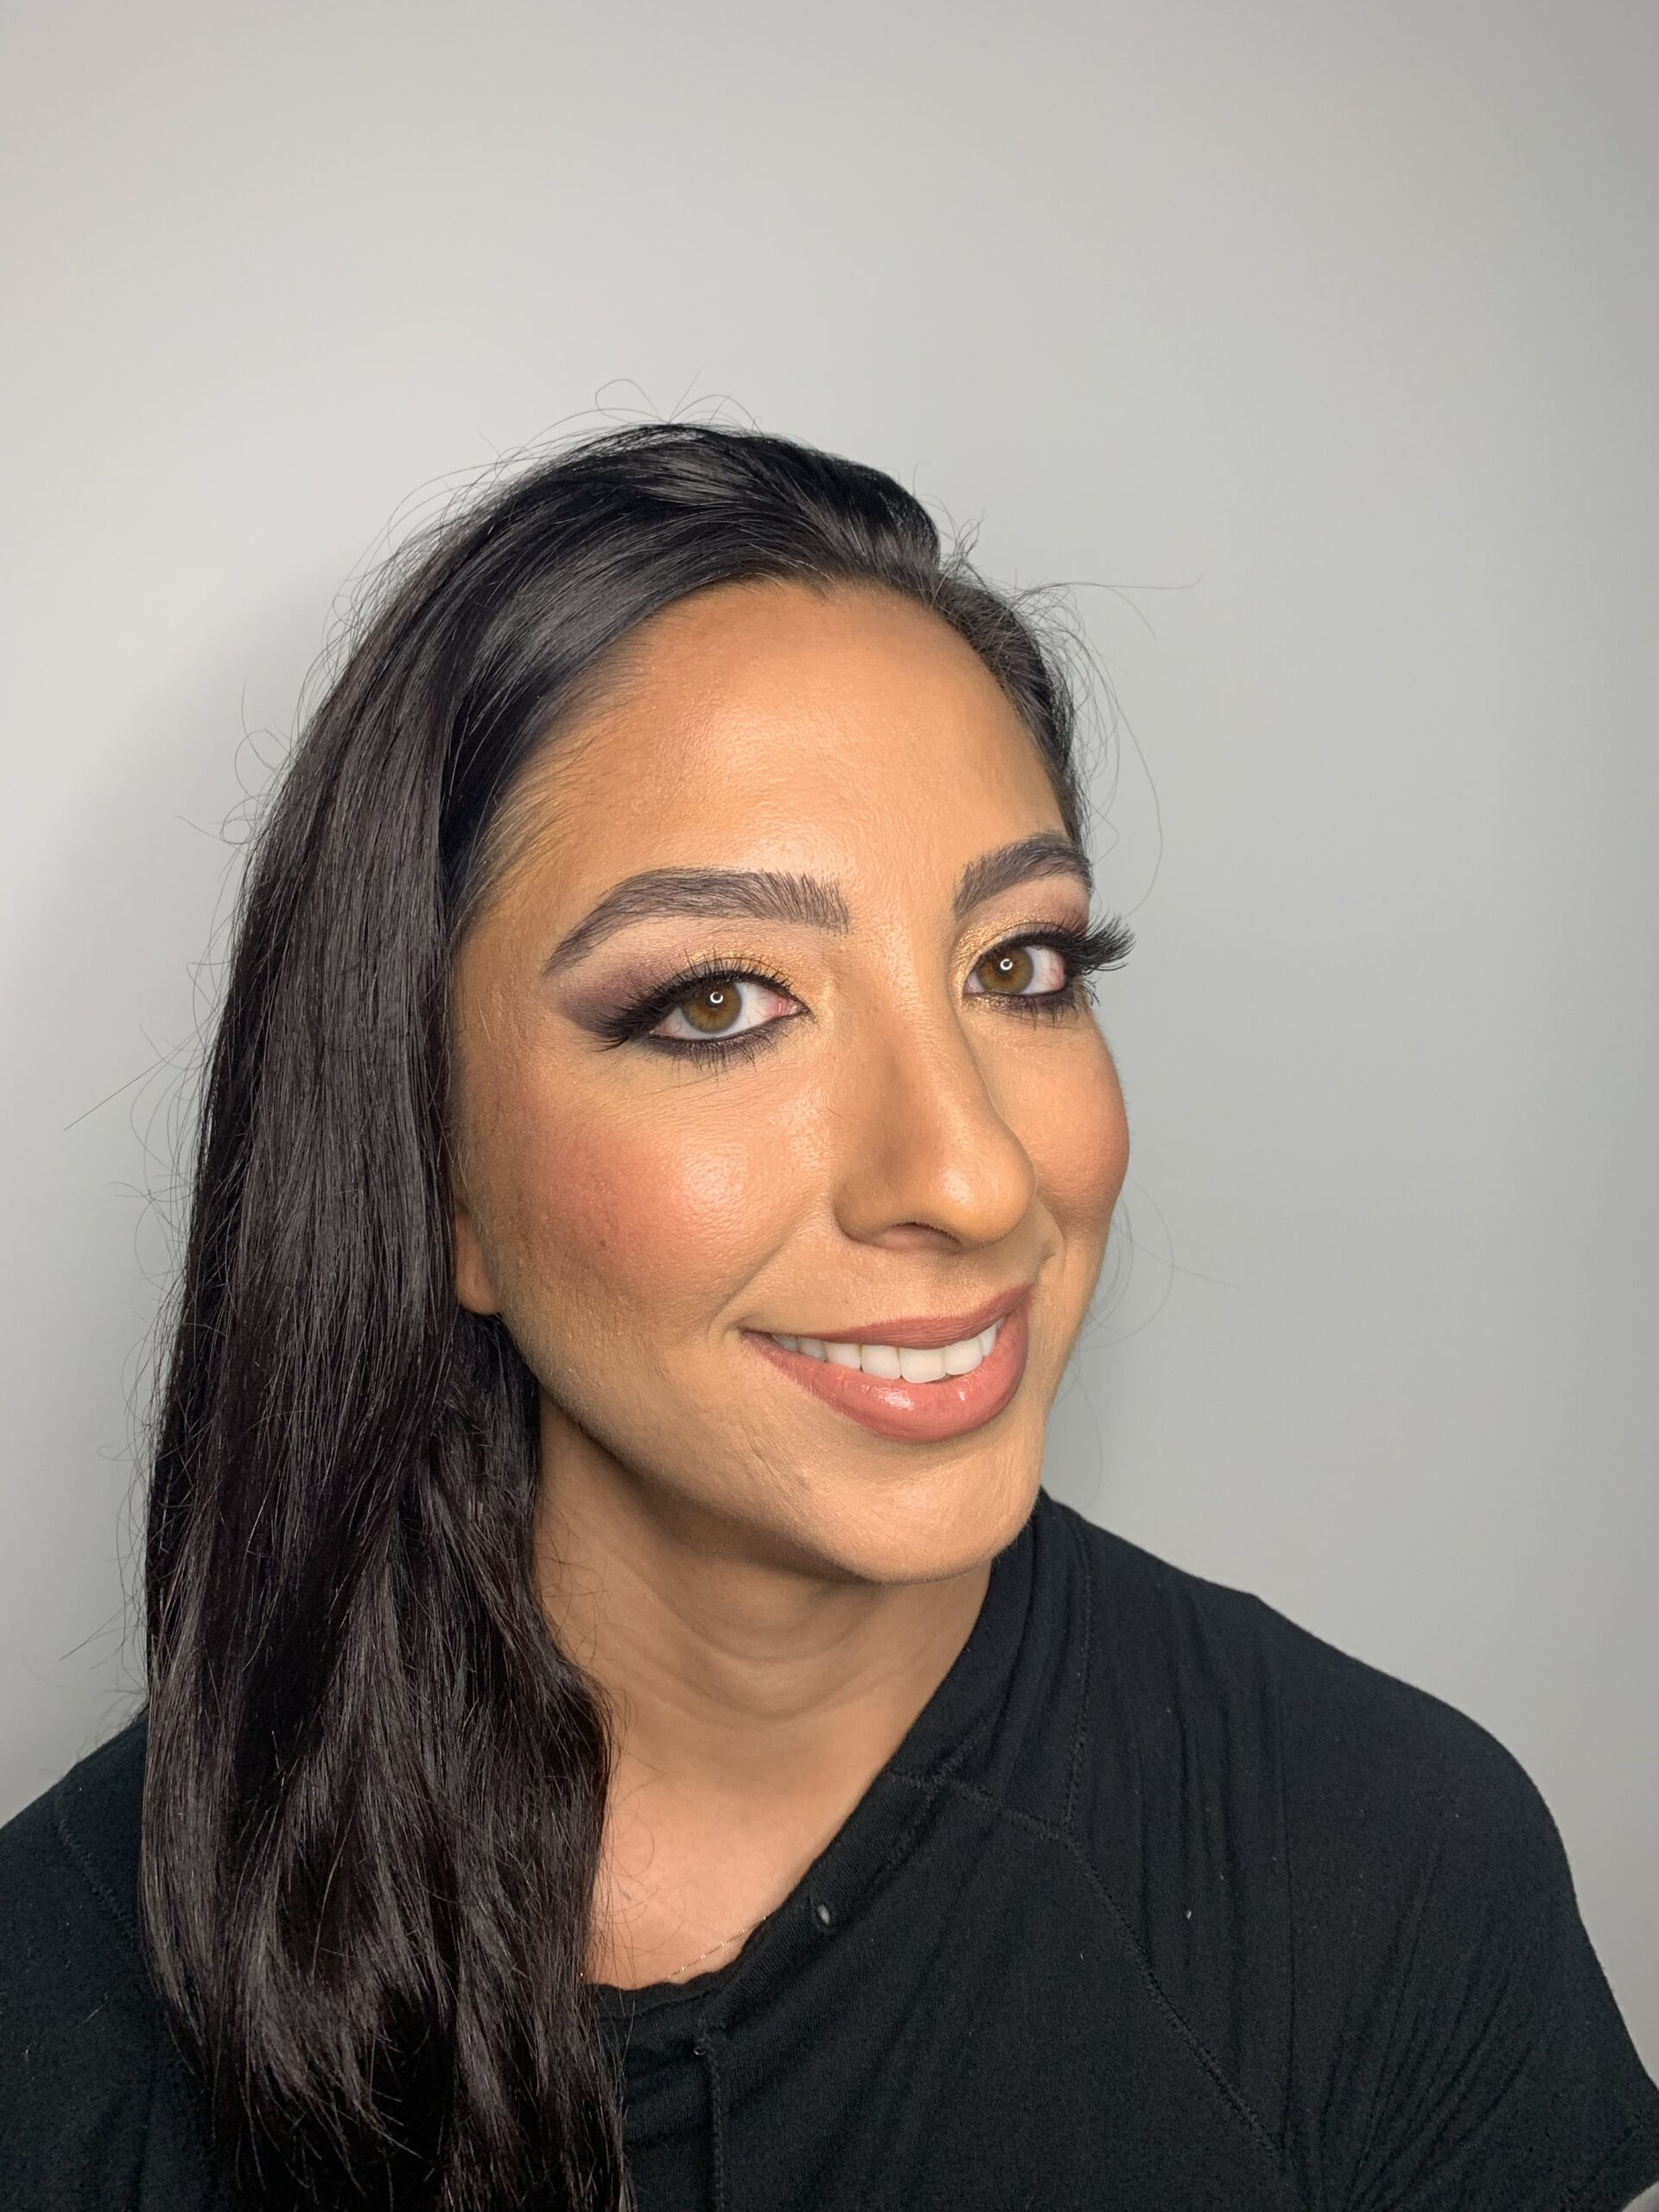 Virginia Beach Makeup Artist